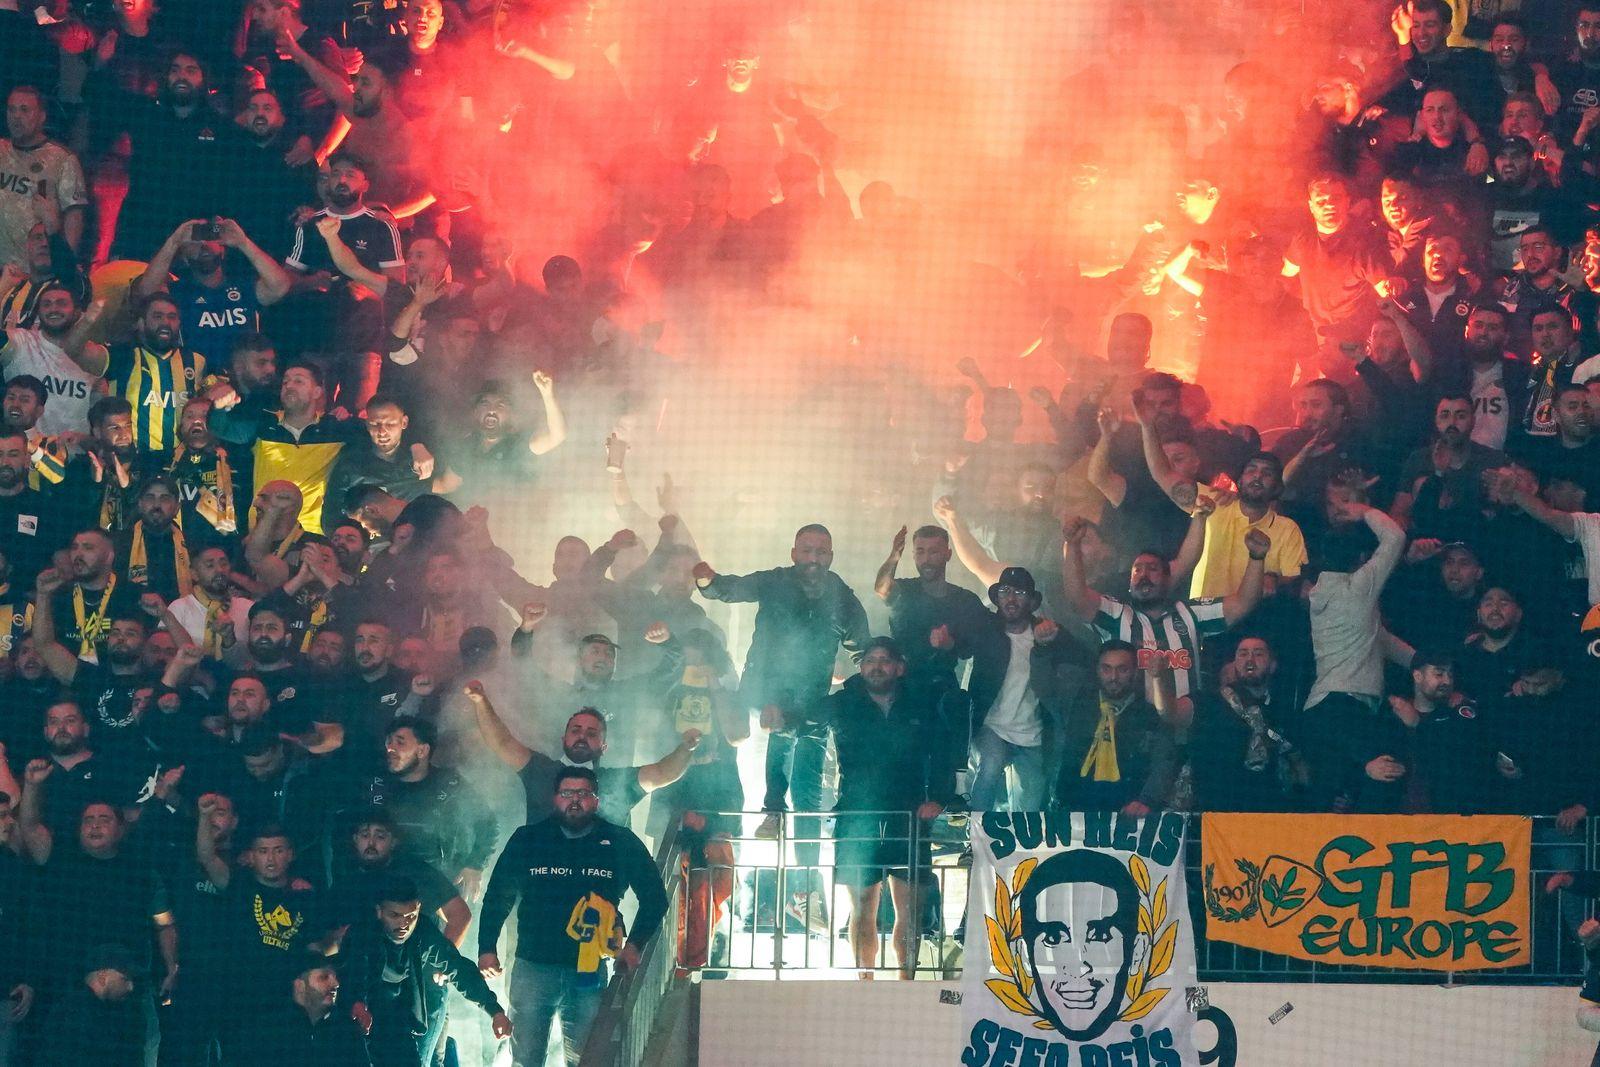 Türkische Fans brennen Bengalos ab - Frankfurt 16.09.2021: Eintracht Frankfurt vs. Fenerbahce Istanbul, Deutsche Bank Pa